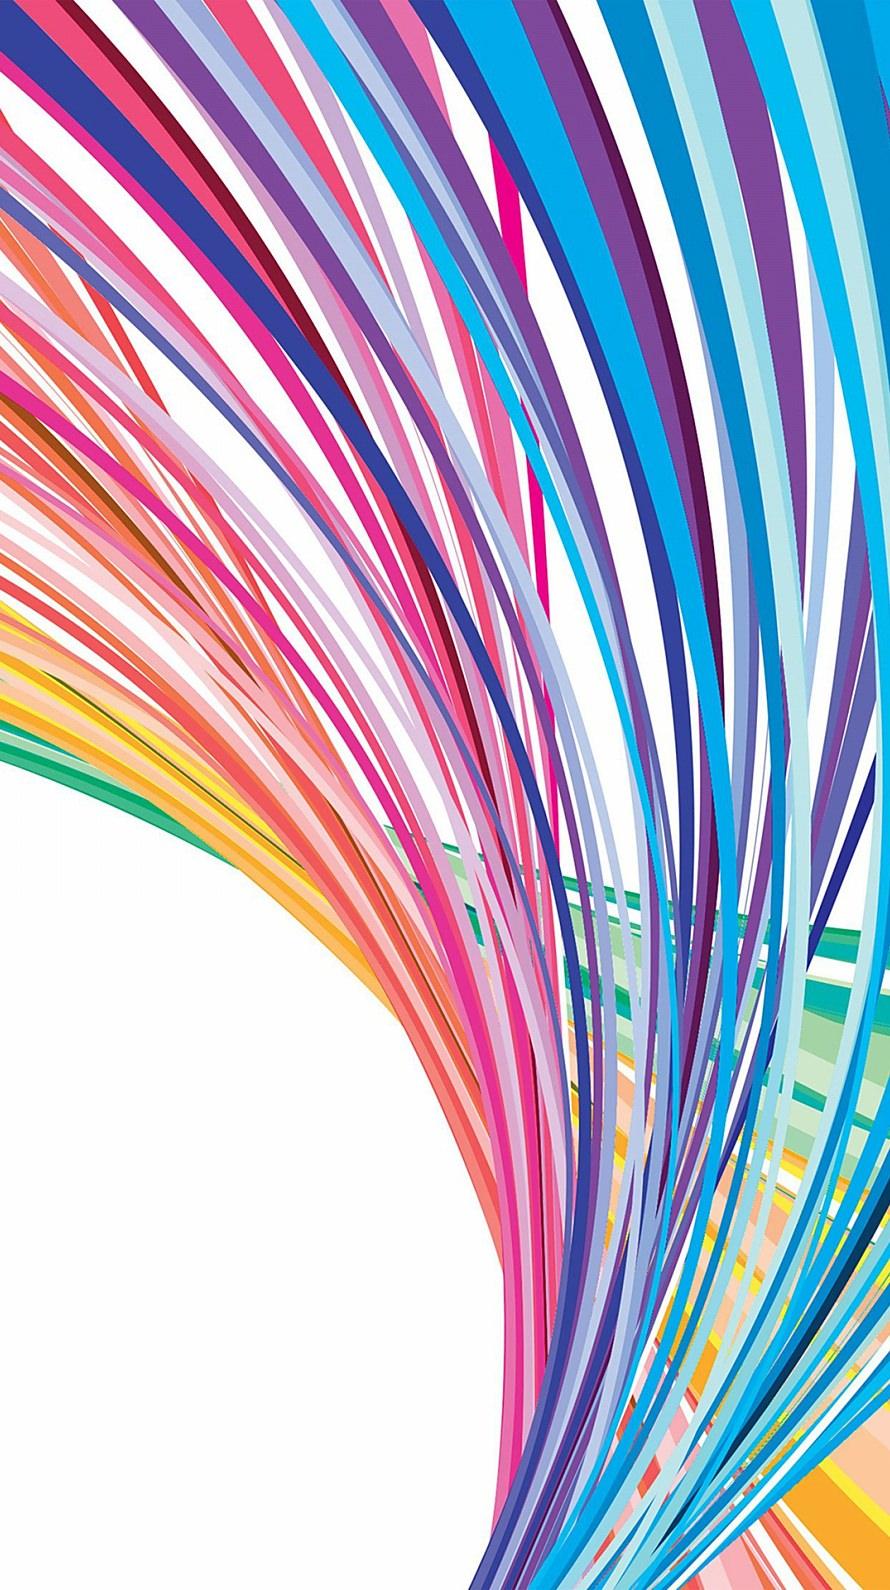 カラフルな楕円曲線 iPhone6壁紙